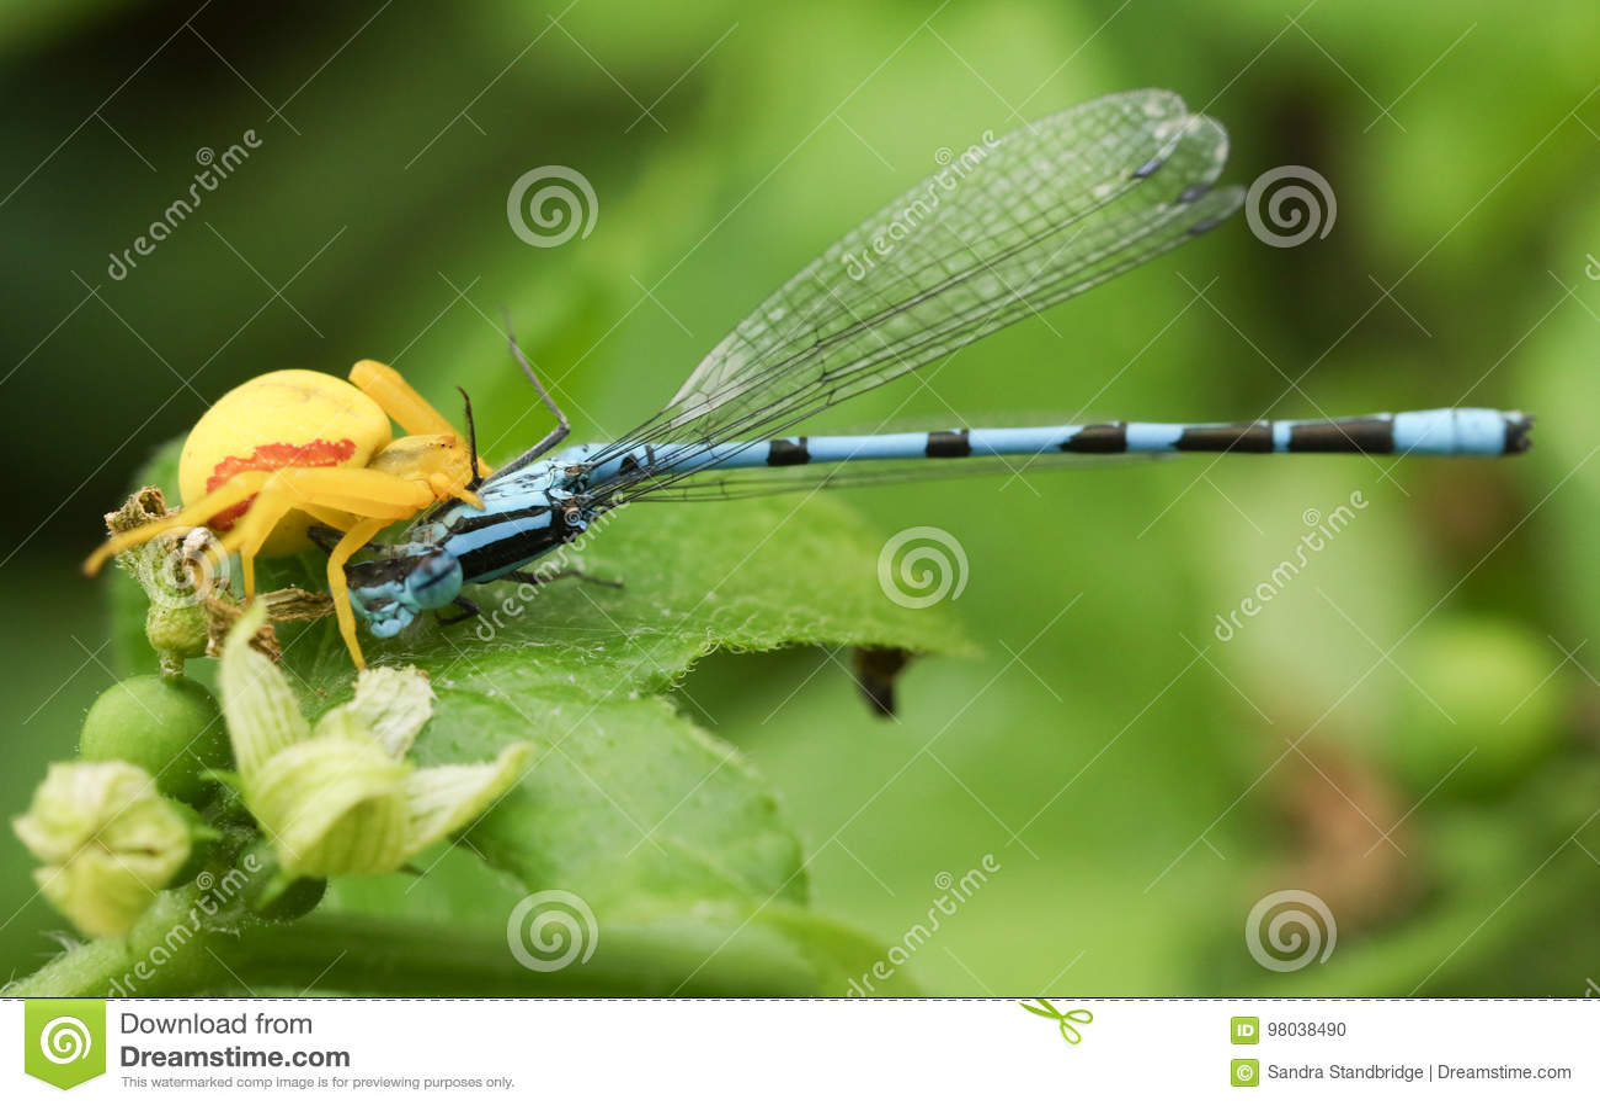 Um vatia amarelo de Misumena da aranha do caranguejo que come um cyathigerum azul comum de Enallagma do Damselfly